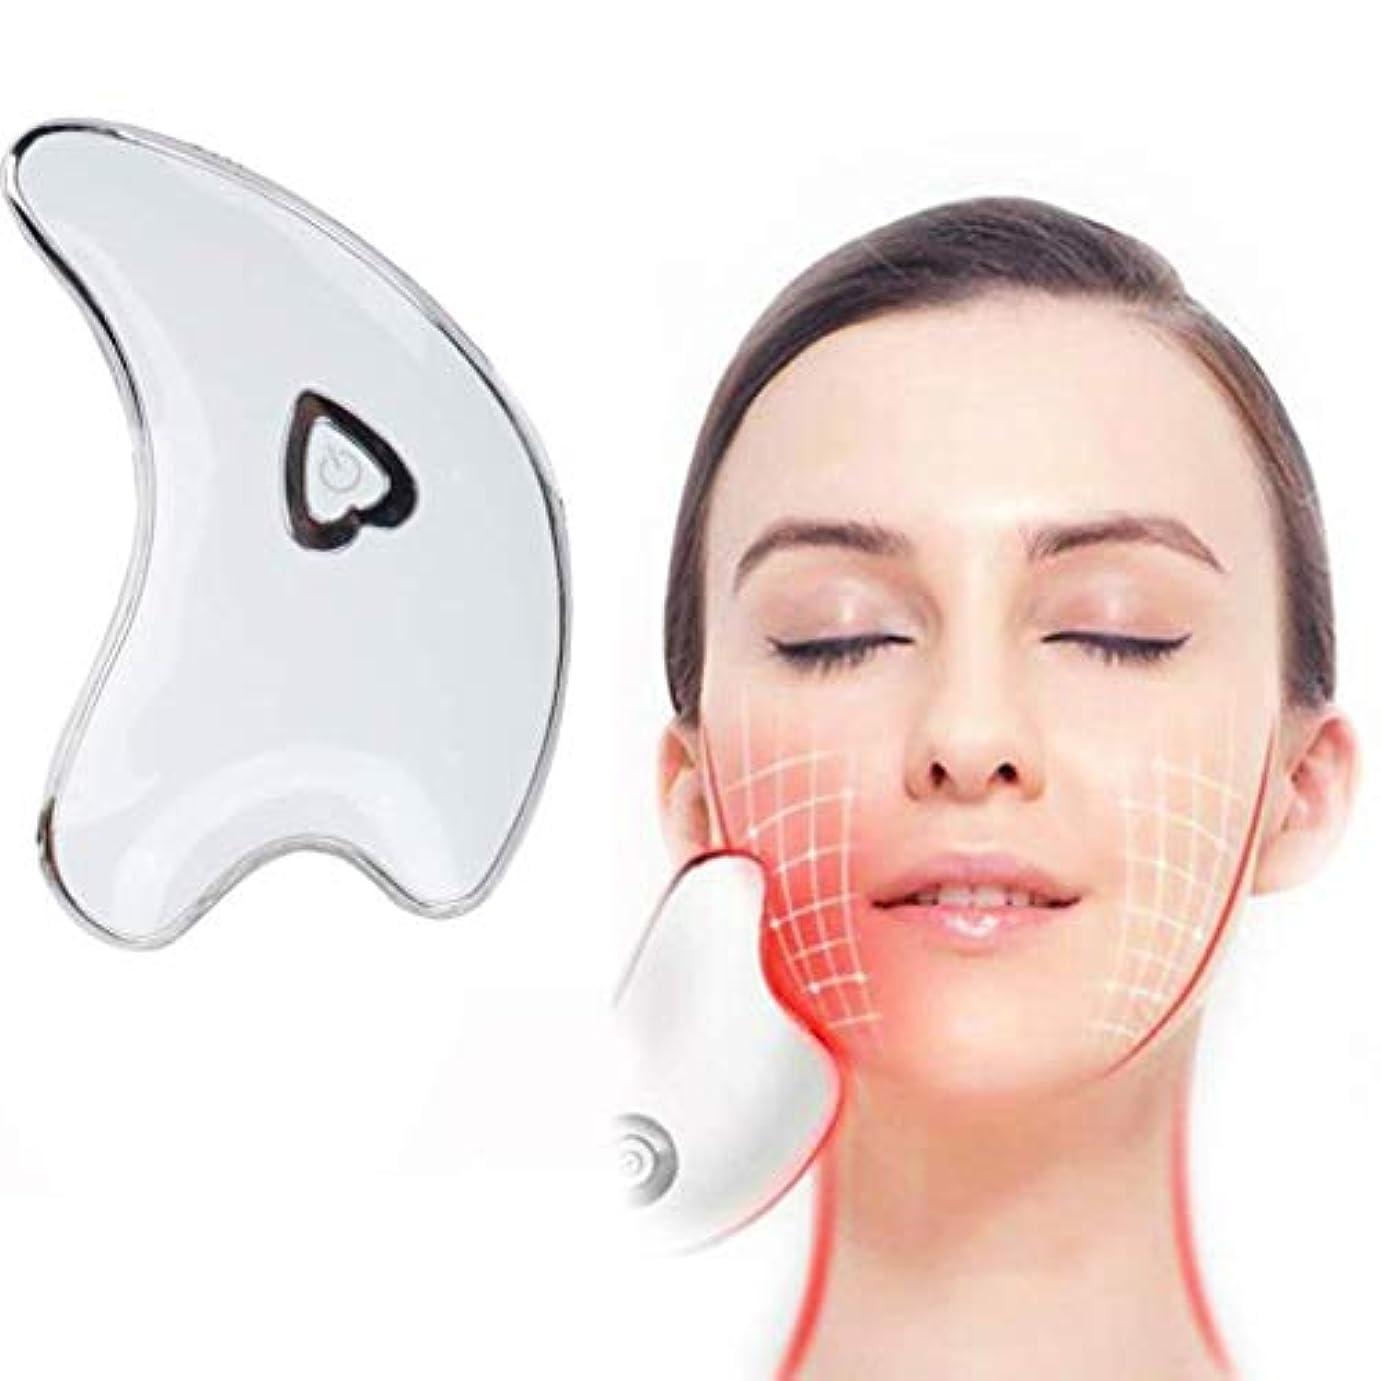 赤道カップ原稿フェイシャルスクレーピングマッサージャー、ネックスクレーピングマッサージボード、ダークサークルを防止するためのツールマイクロカレントバイブレーションアンチシワ、薄い顔の引き締め肌の引き締め (Color : White)